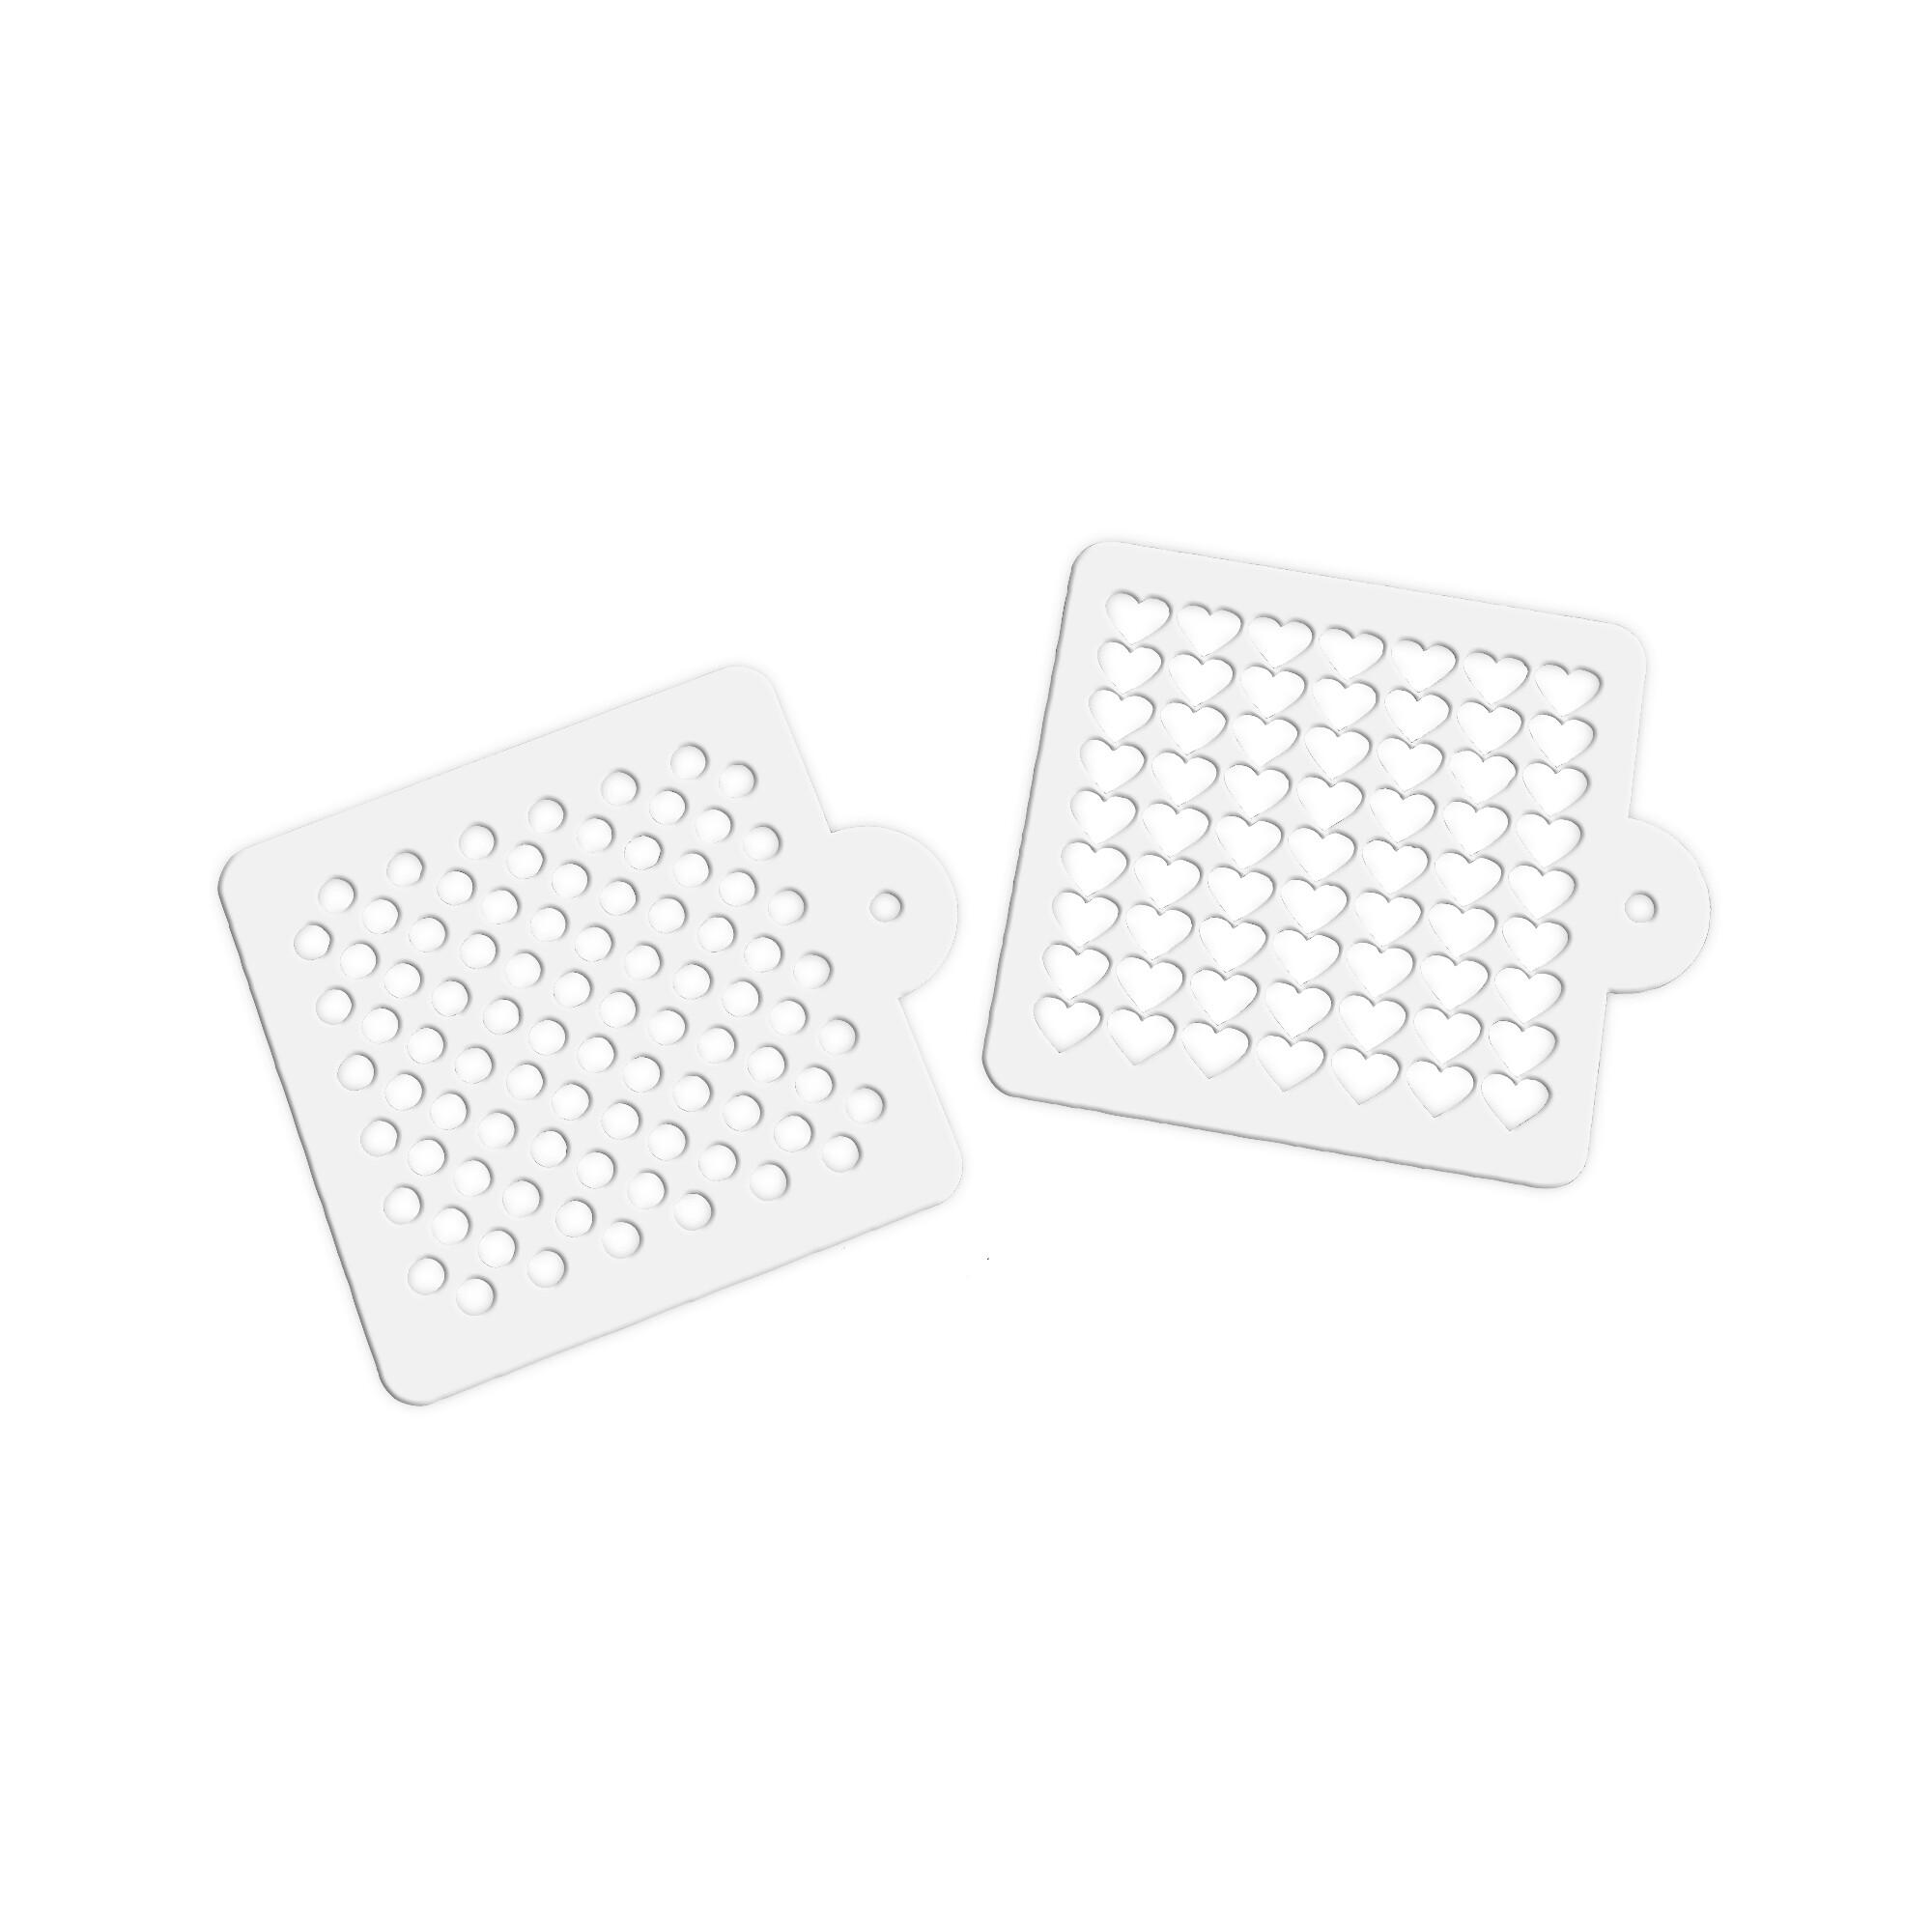 Decorative stencil - Heart & Dot - Set, 2 parts